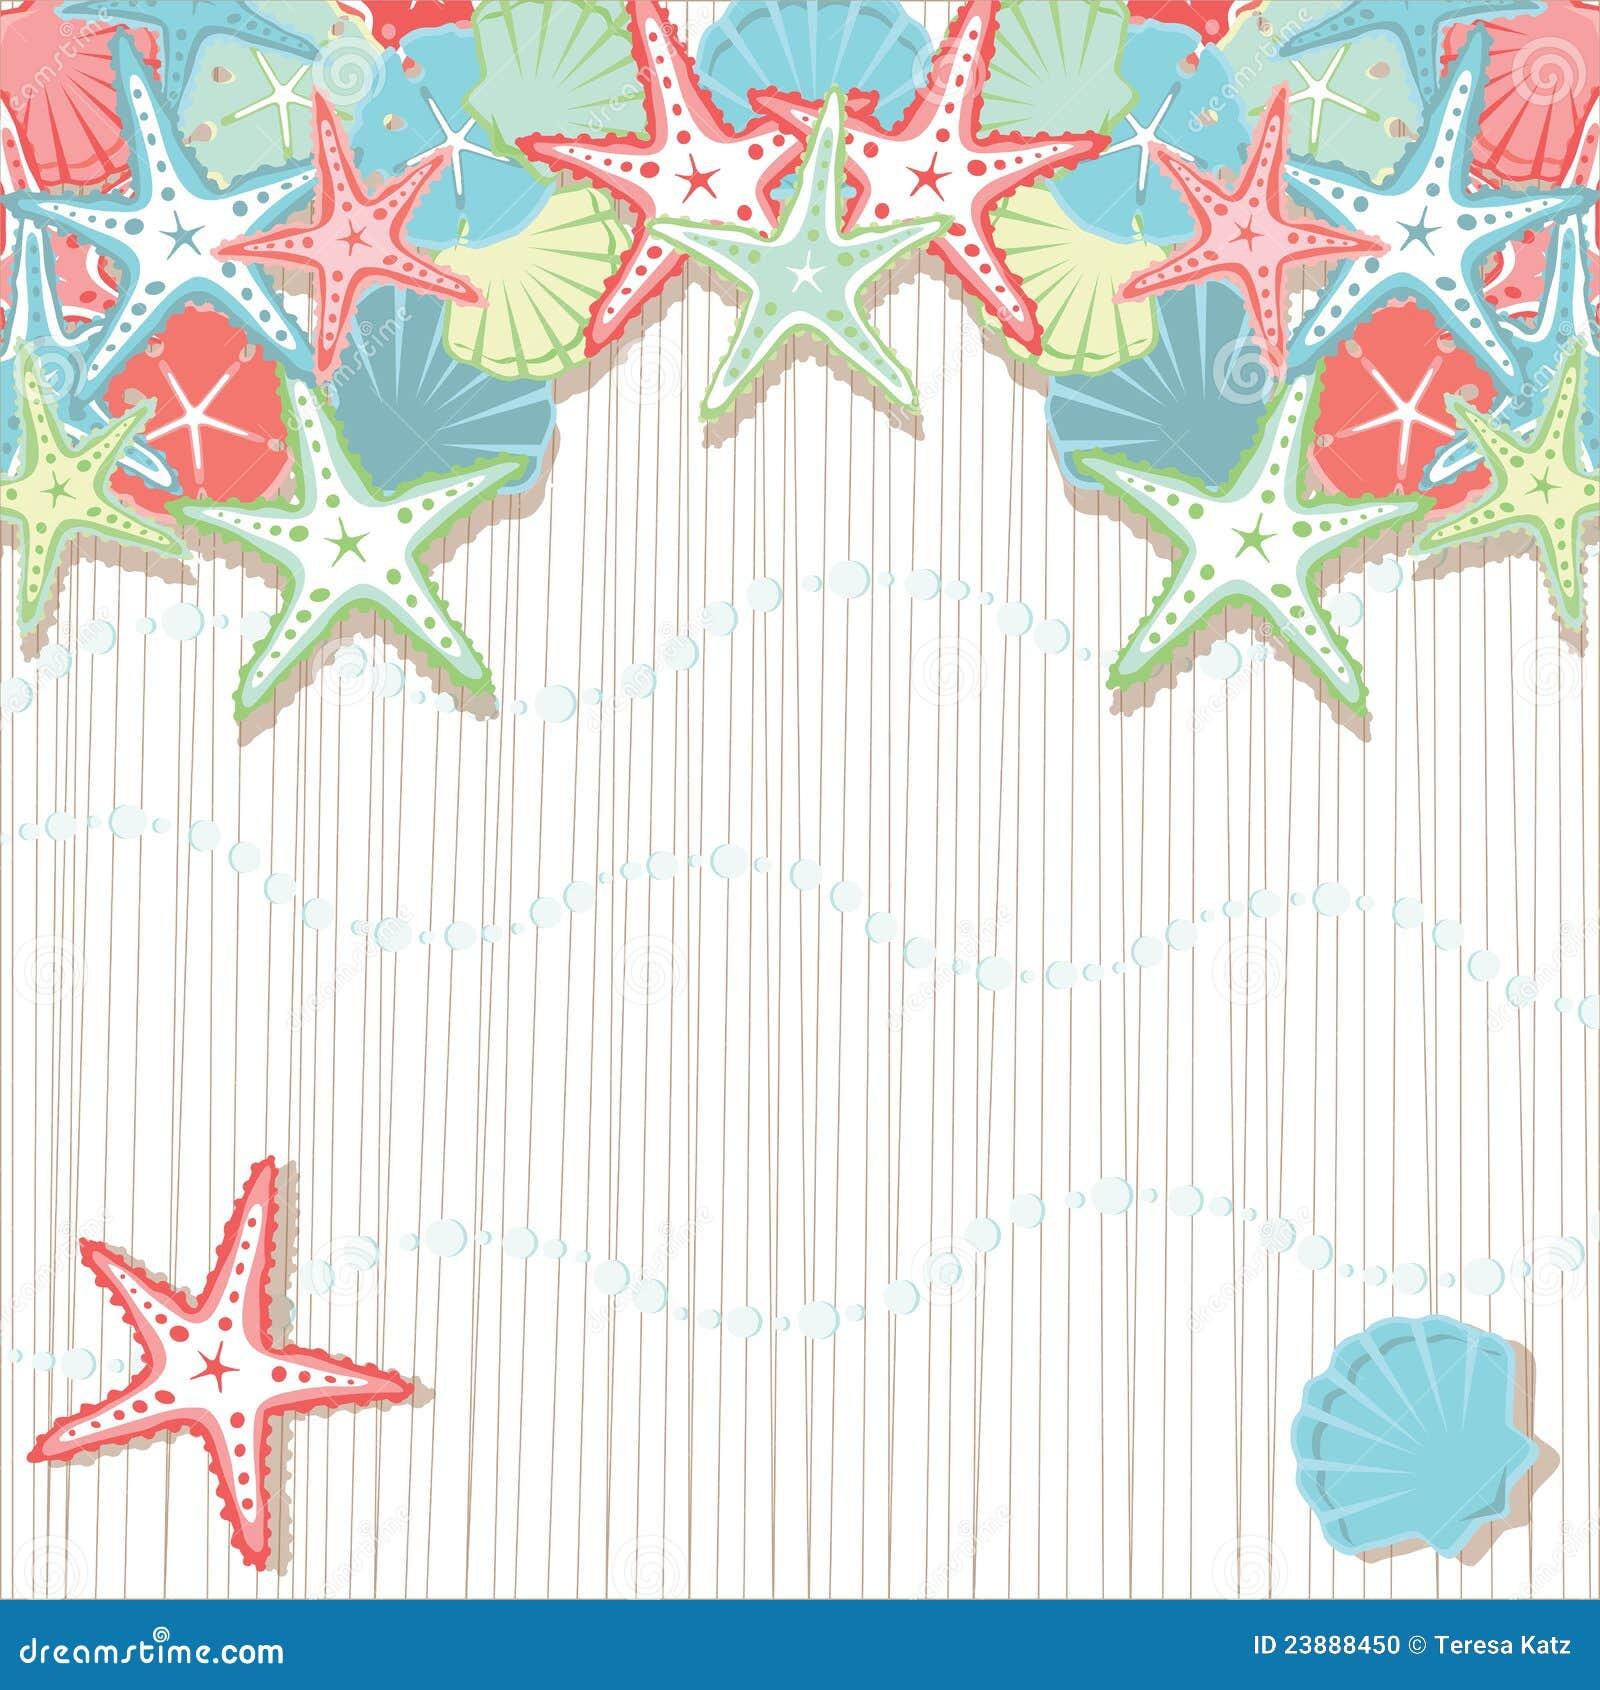 Starfish Wedding Invites is nice invitations example